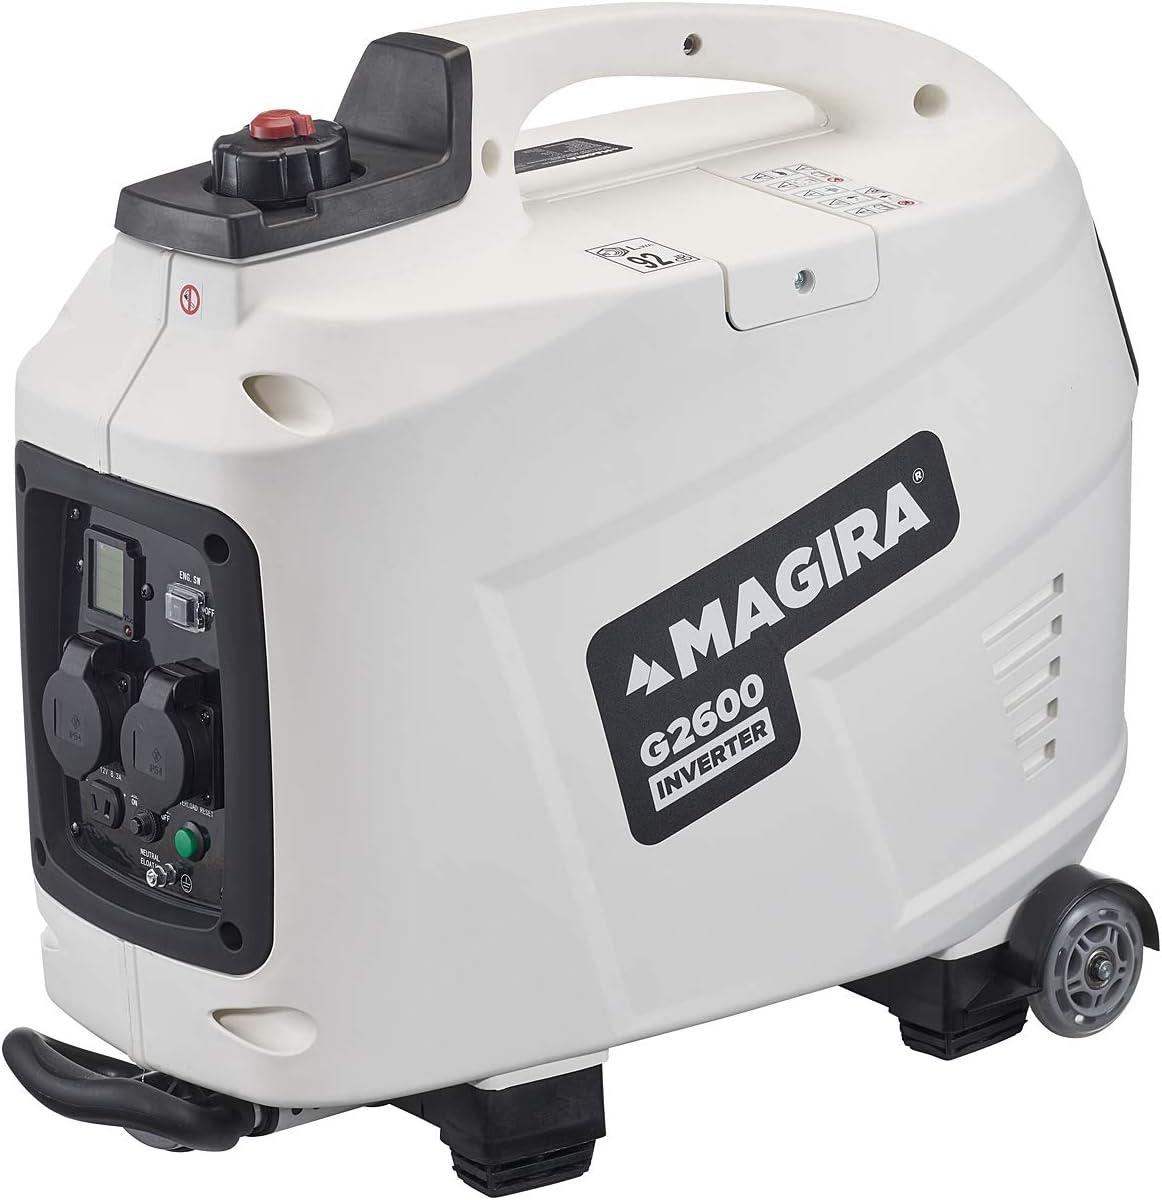 MAGIRA 8,8kW Inverter-Stromerzeuger, 8,8 kW Digital Benzin Strom-Aggregat  mit Trolley-Funktion in 8 Varianten: 8,8kW - 8,8kW